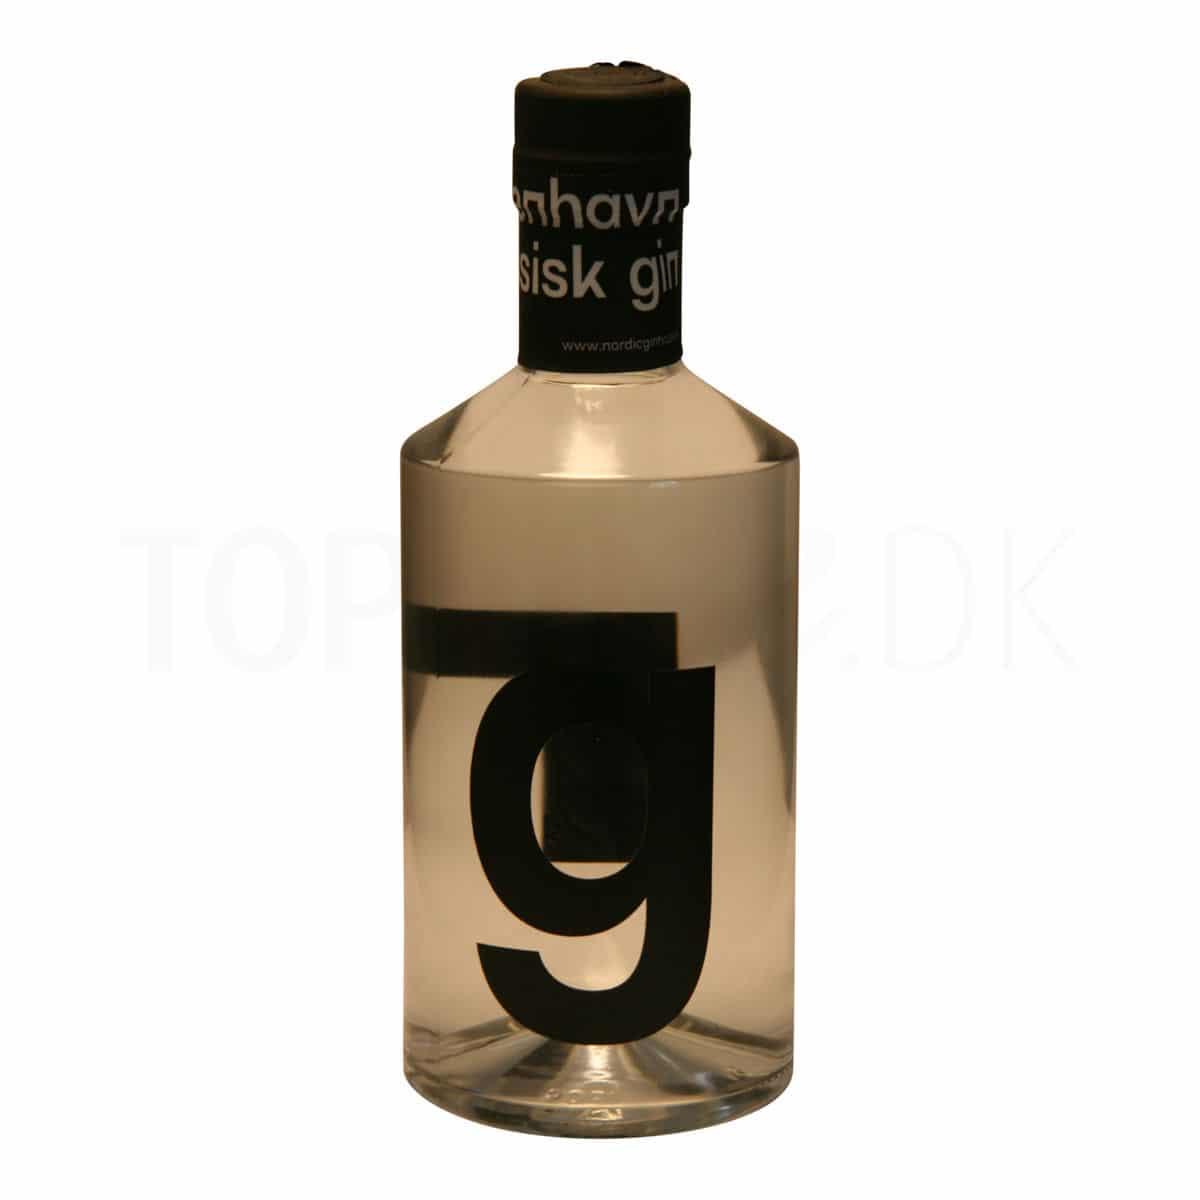 Topvine Koebenhavn klassisk gin